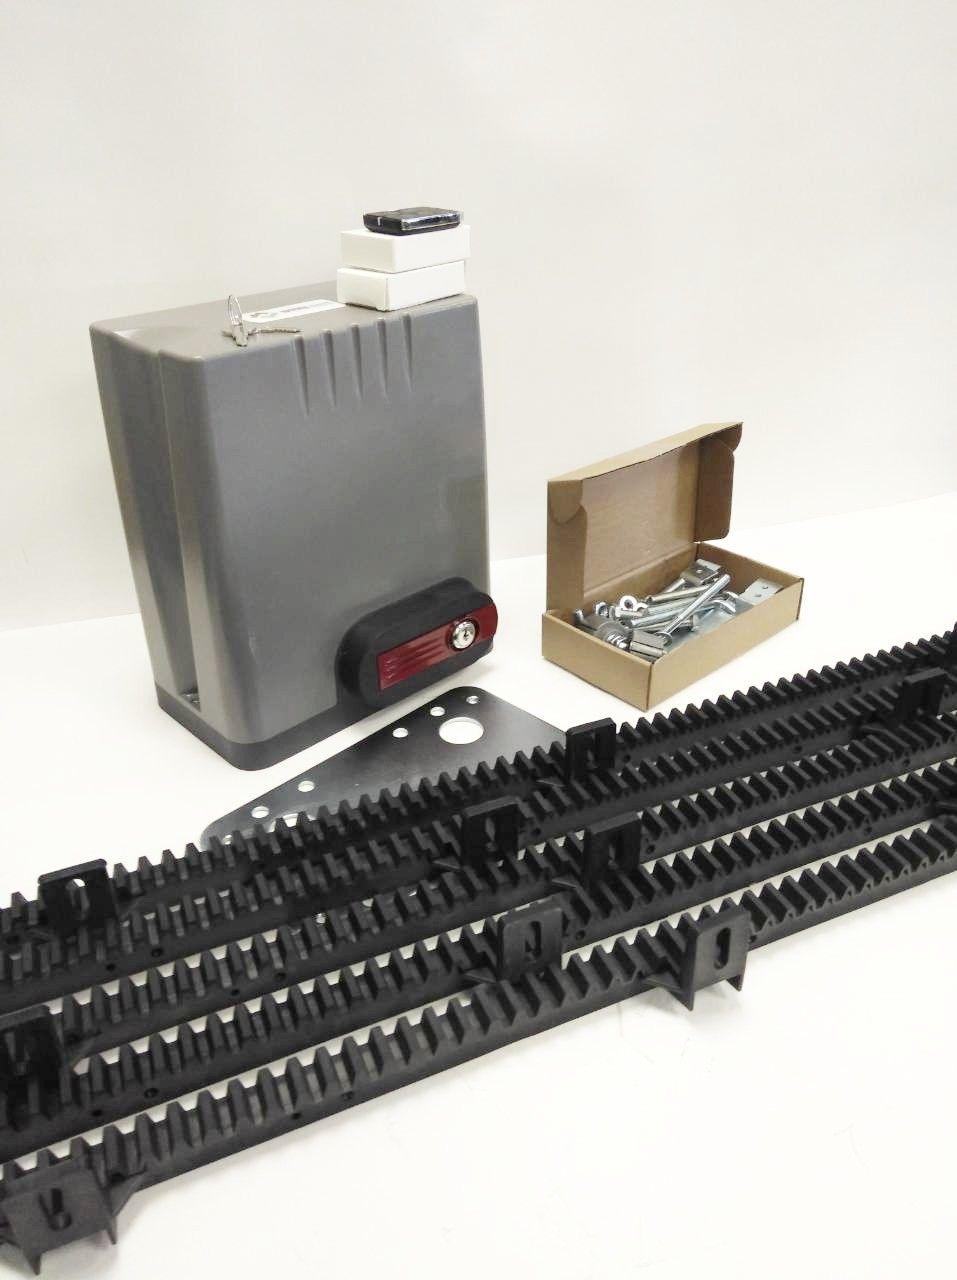 800ACP Rack schiebetür opener mit Cantilever ausrüstung für tor schiebetüren und schaukel tor automatik Tor Motor Getriebe Rack